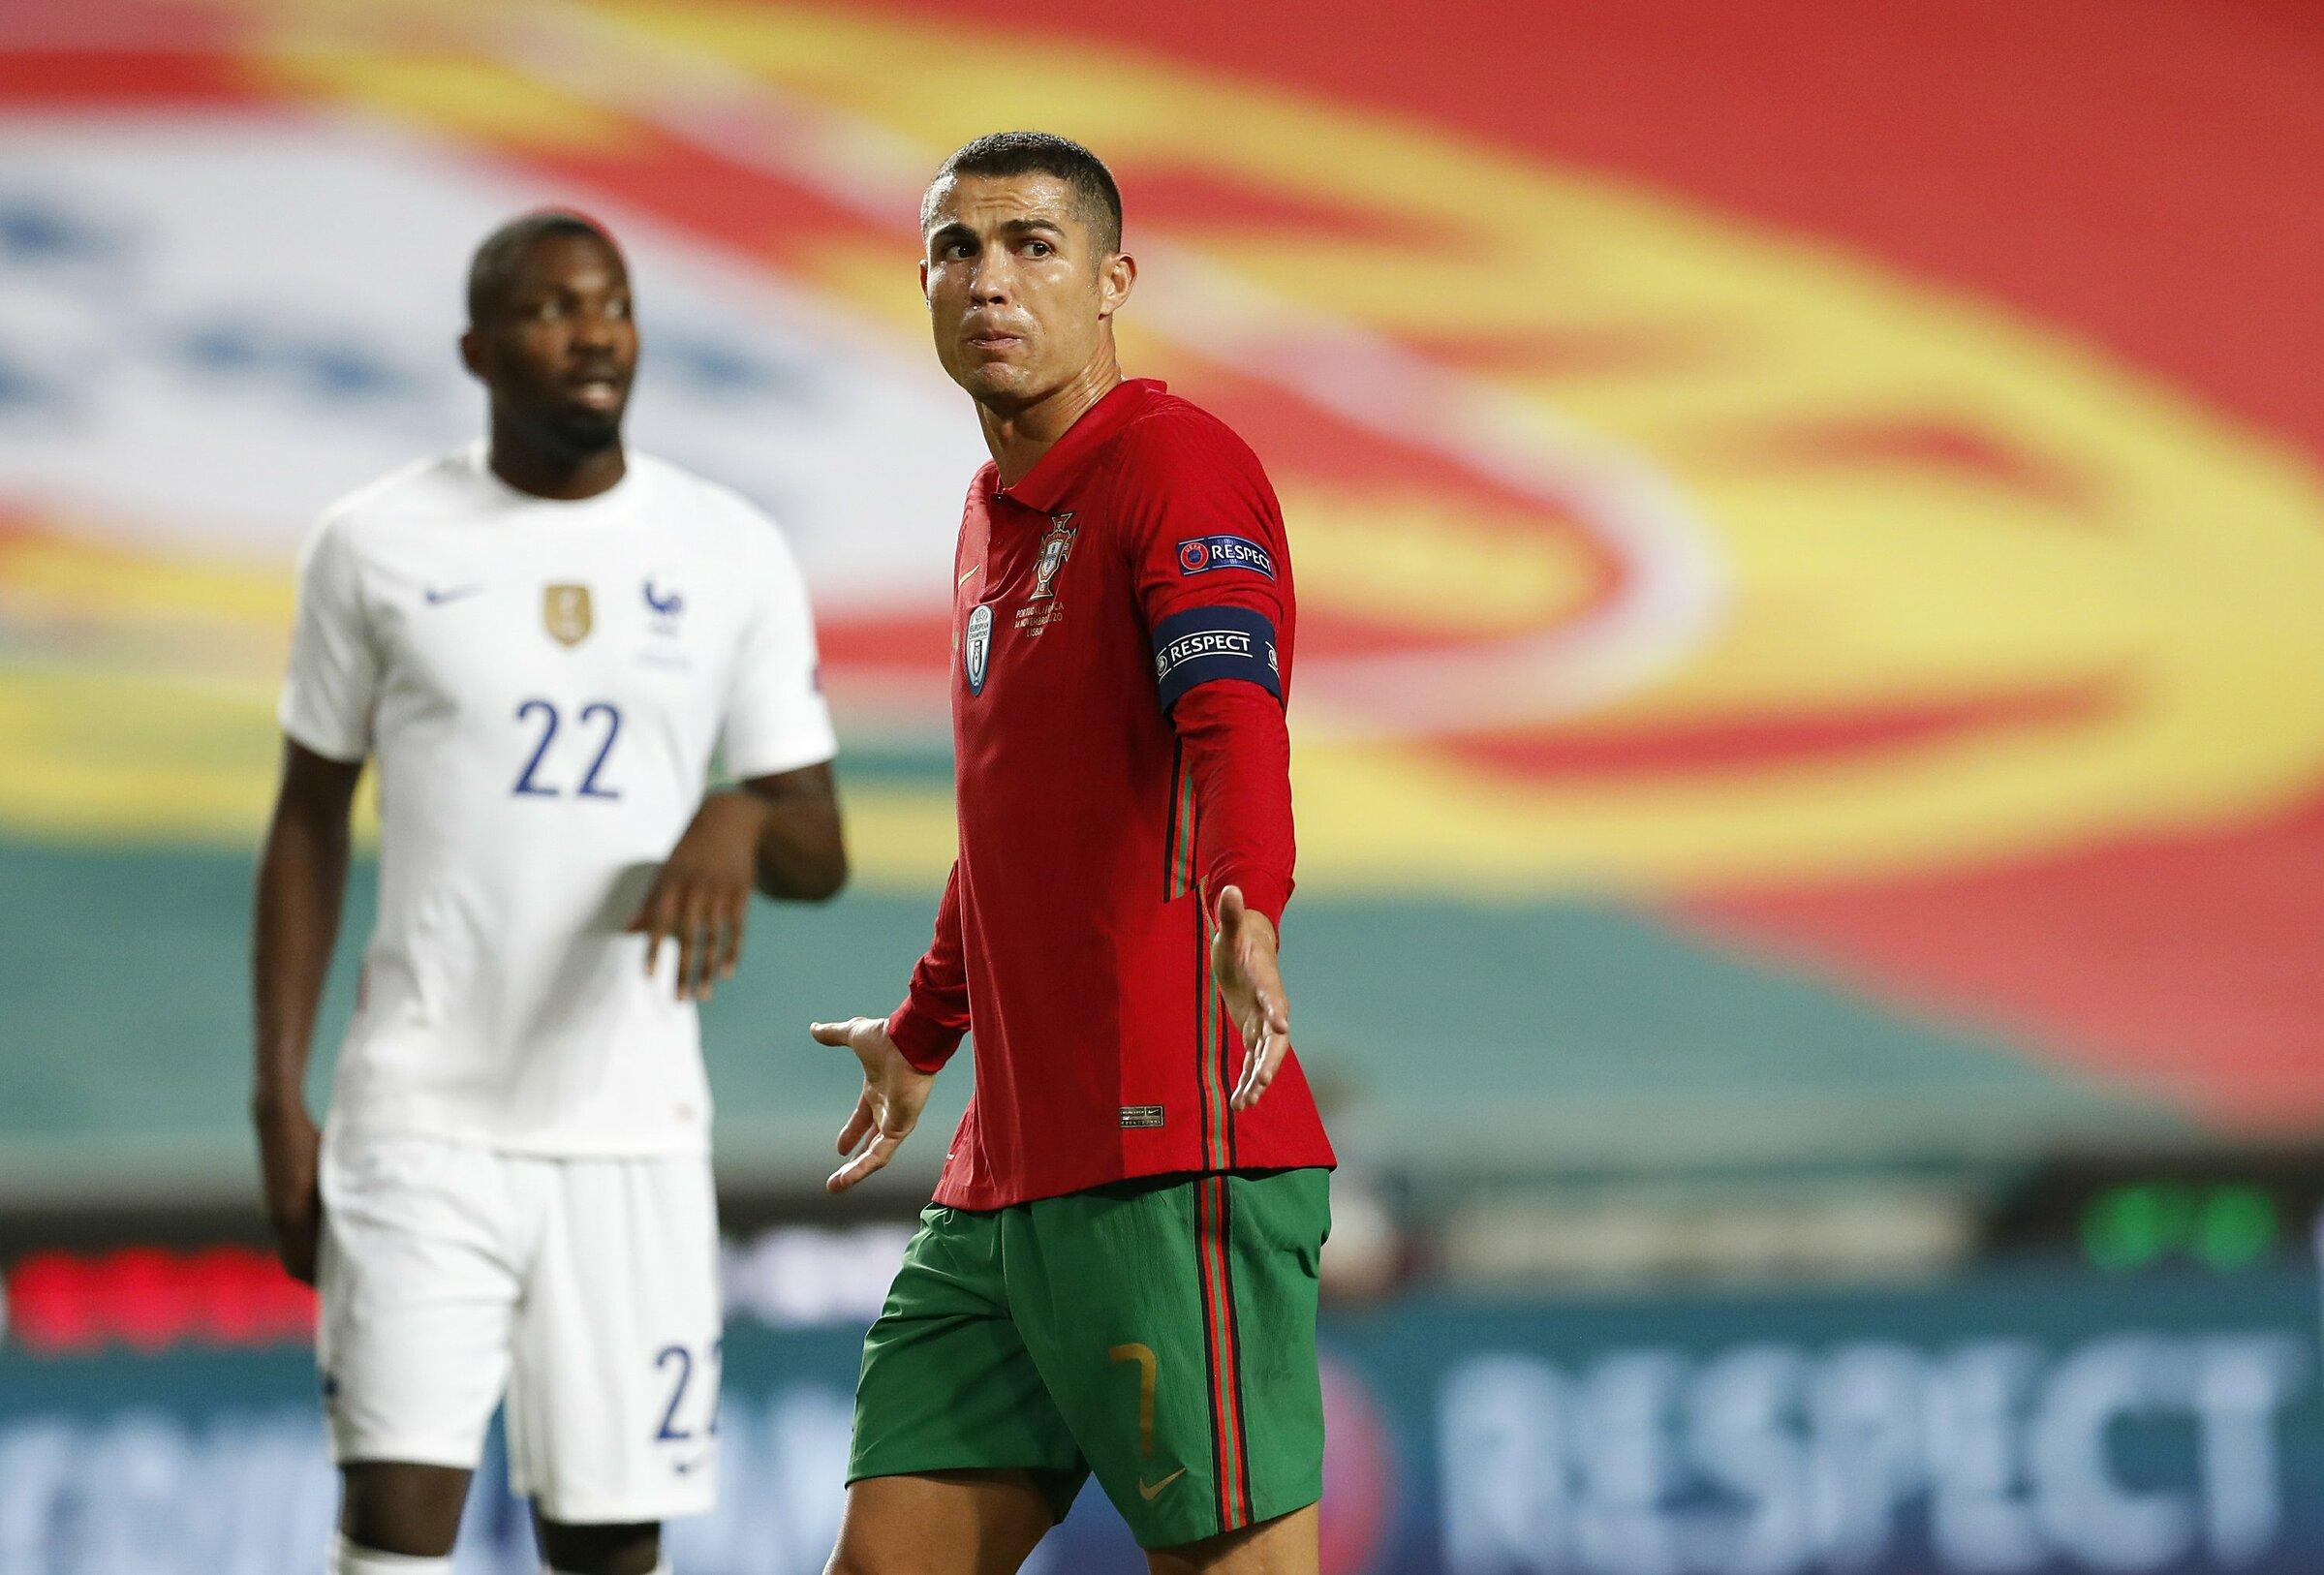 Ronaldo thất vọng sau một pha hỏng ăn trong trận thua Pháp 0-1 trên sân Da Luz, Lisbon hôm 14/11/2020. Ảnh: AP